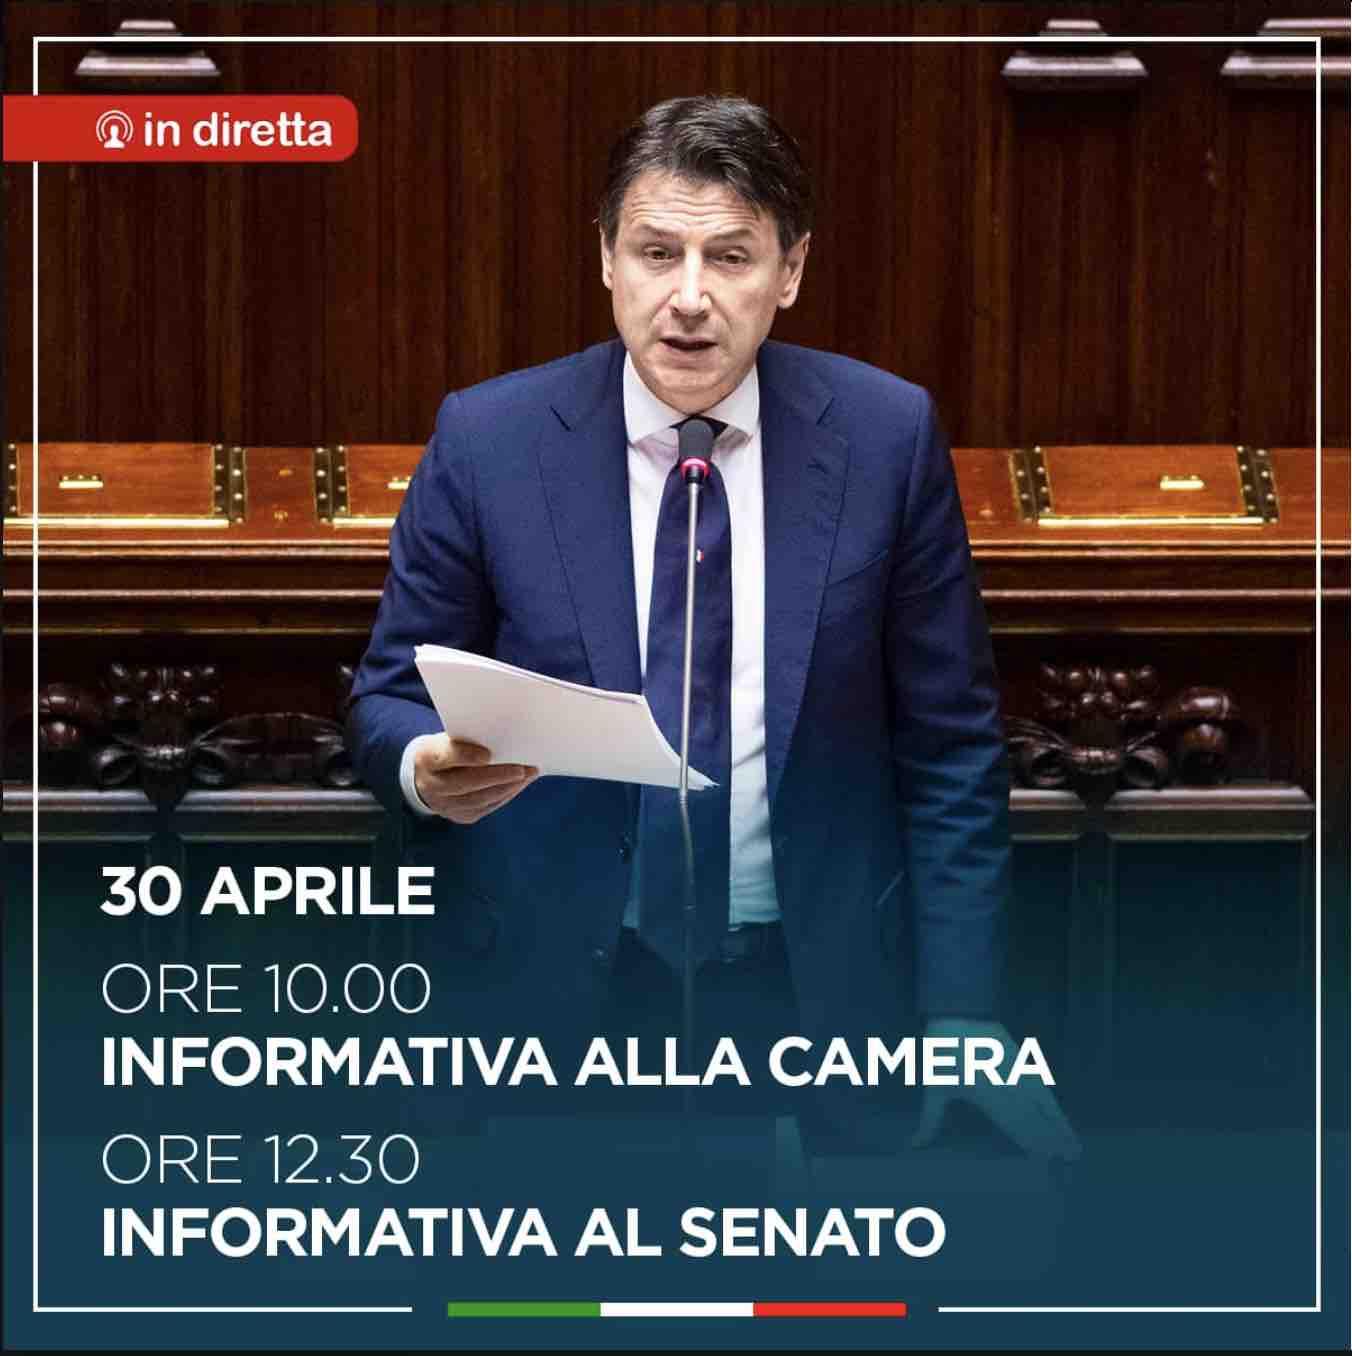 conte parlamento